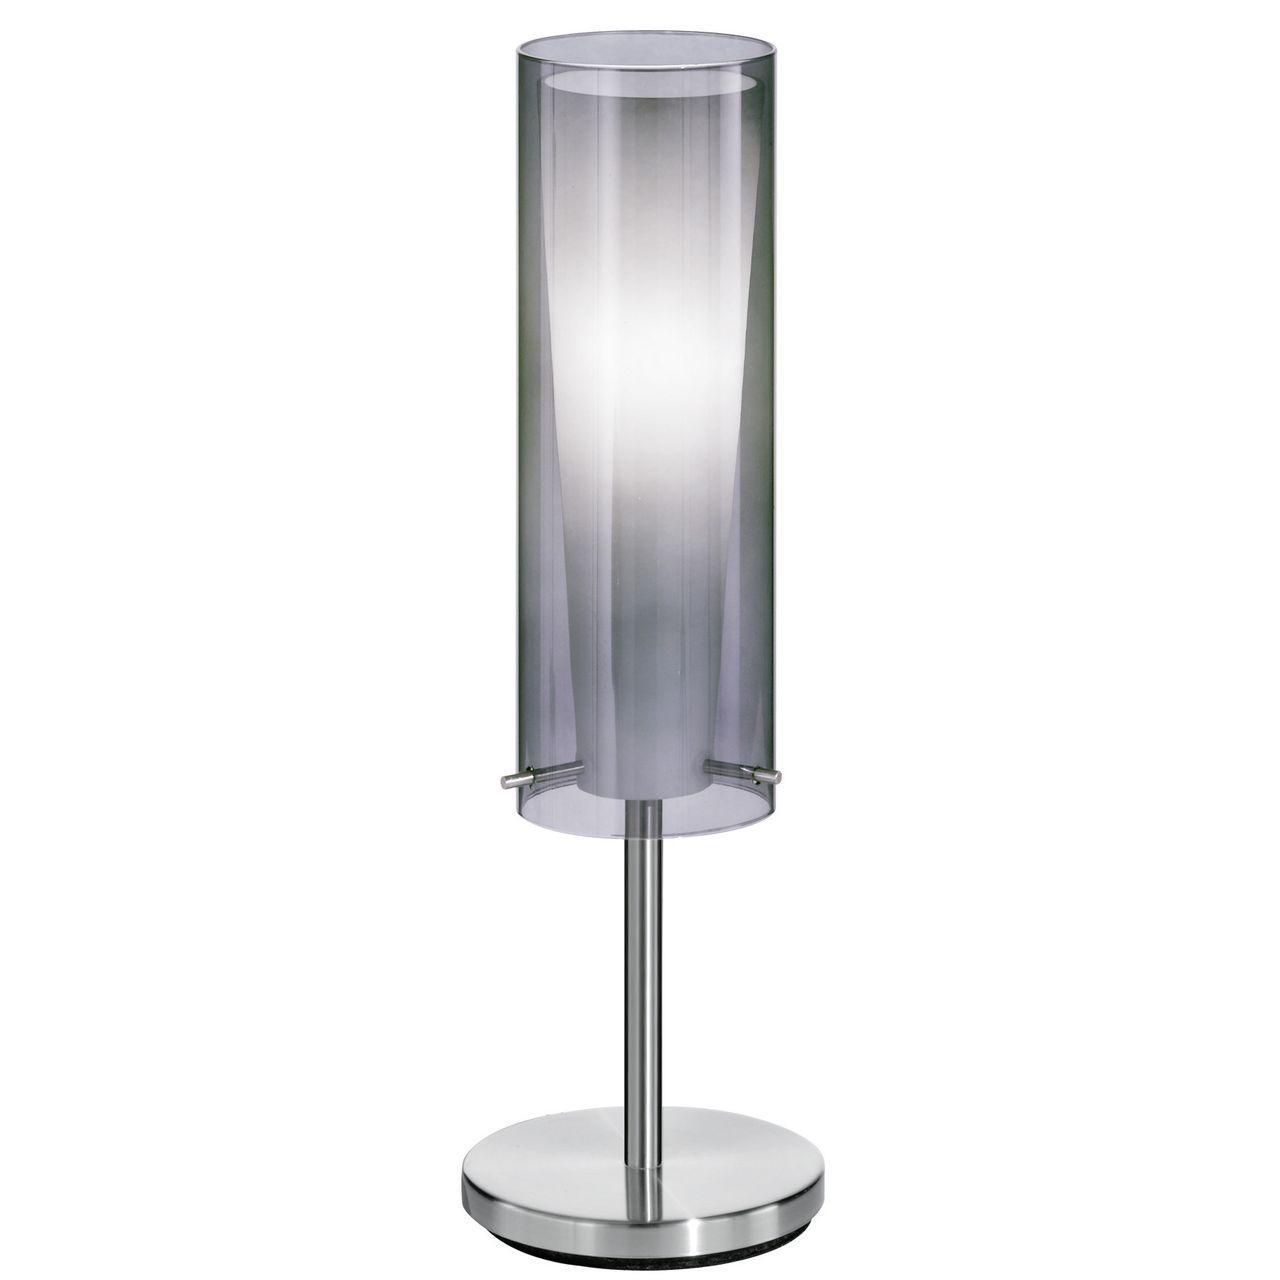 Настольная лампа Eglo Pinto Nero 90308 eglo настольная лампа eglo pinto nero 90308